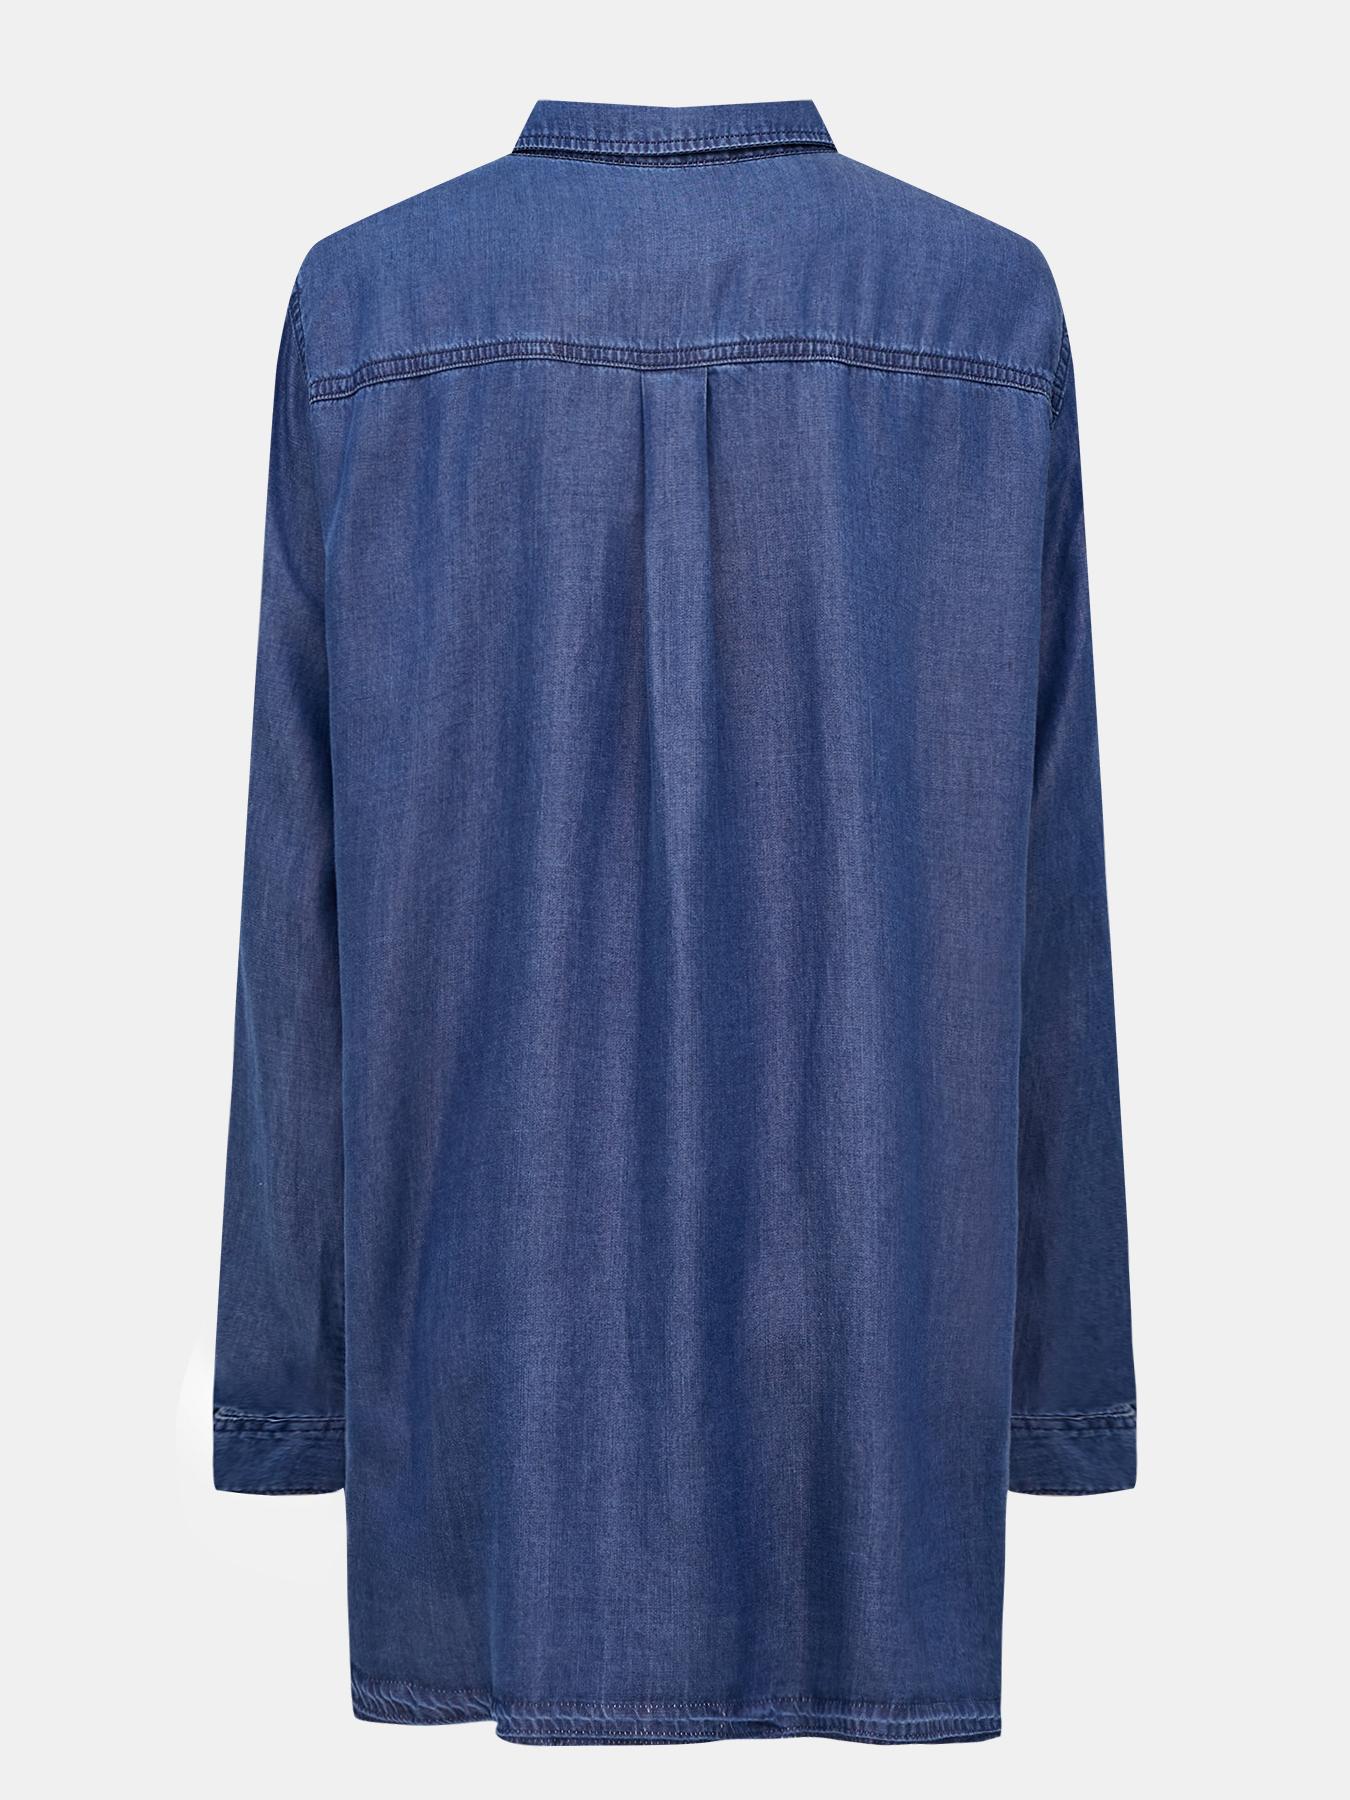 Блузка Samoon Рубашка блузка samoon блузка